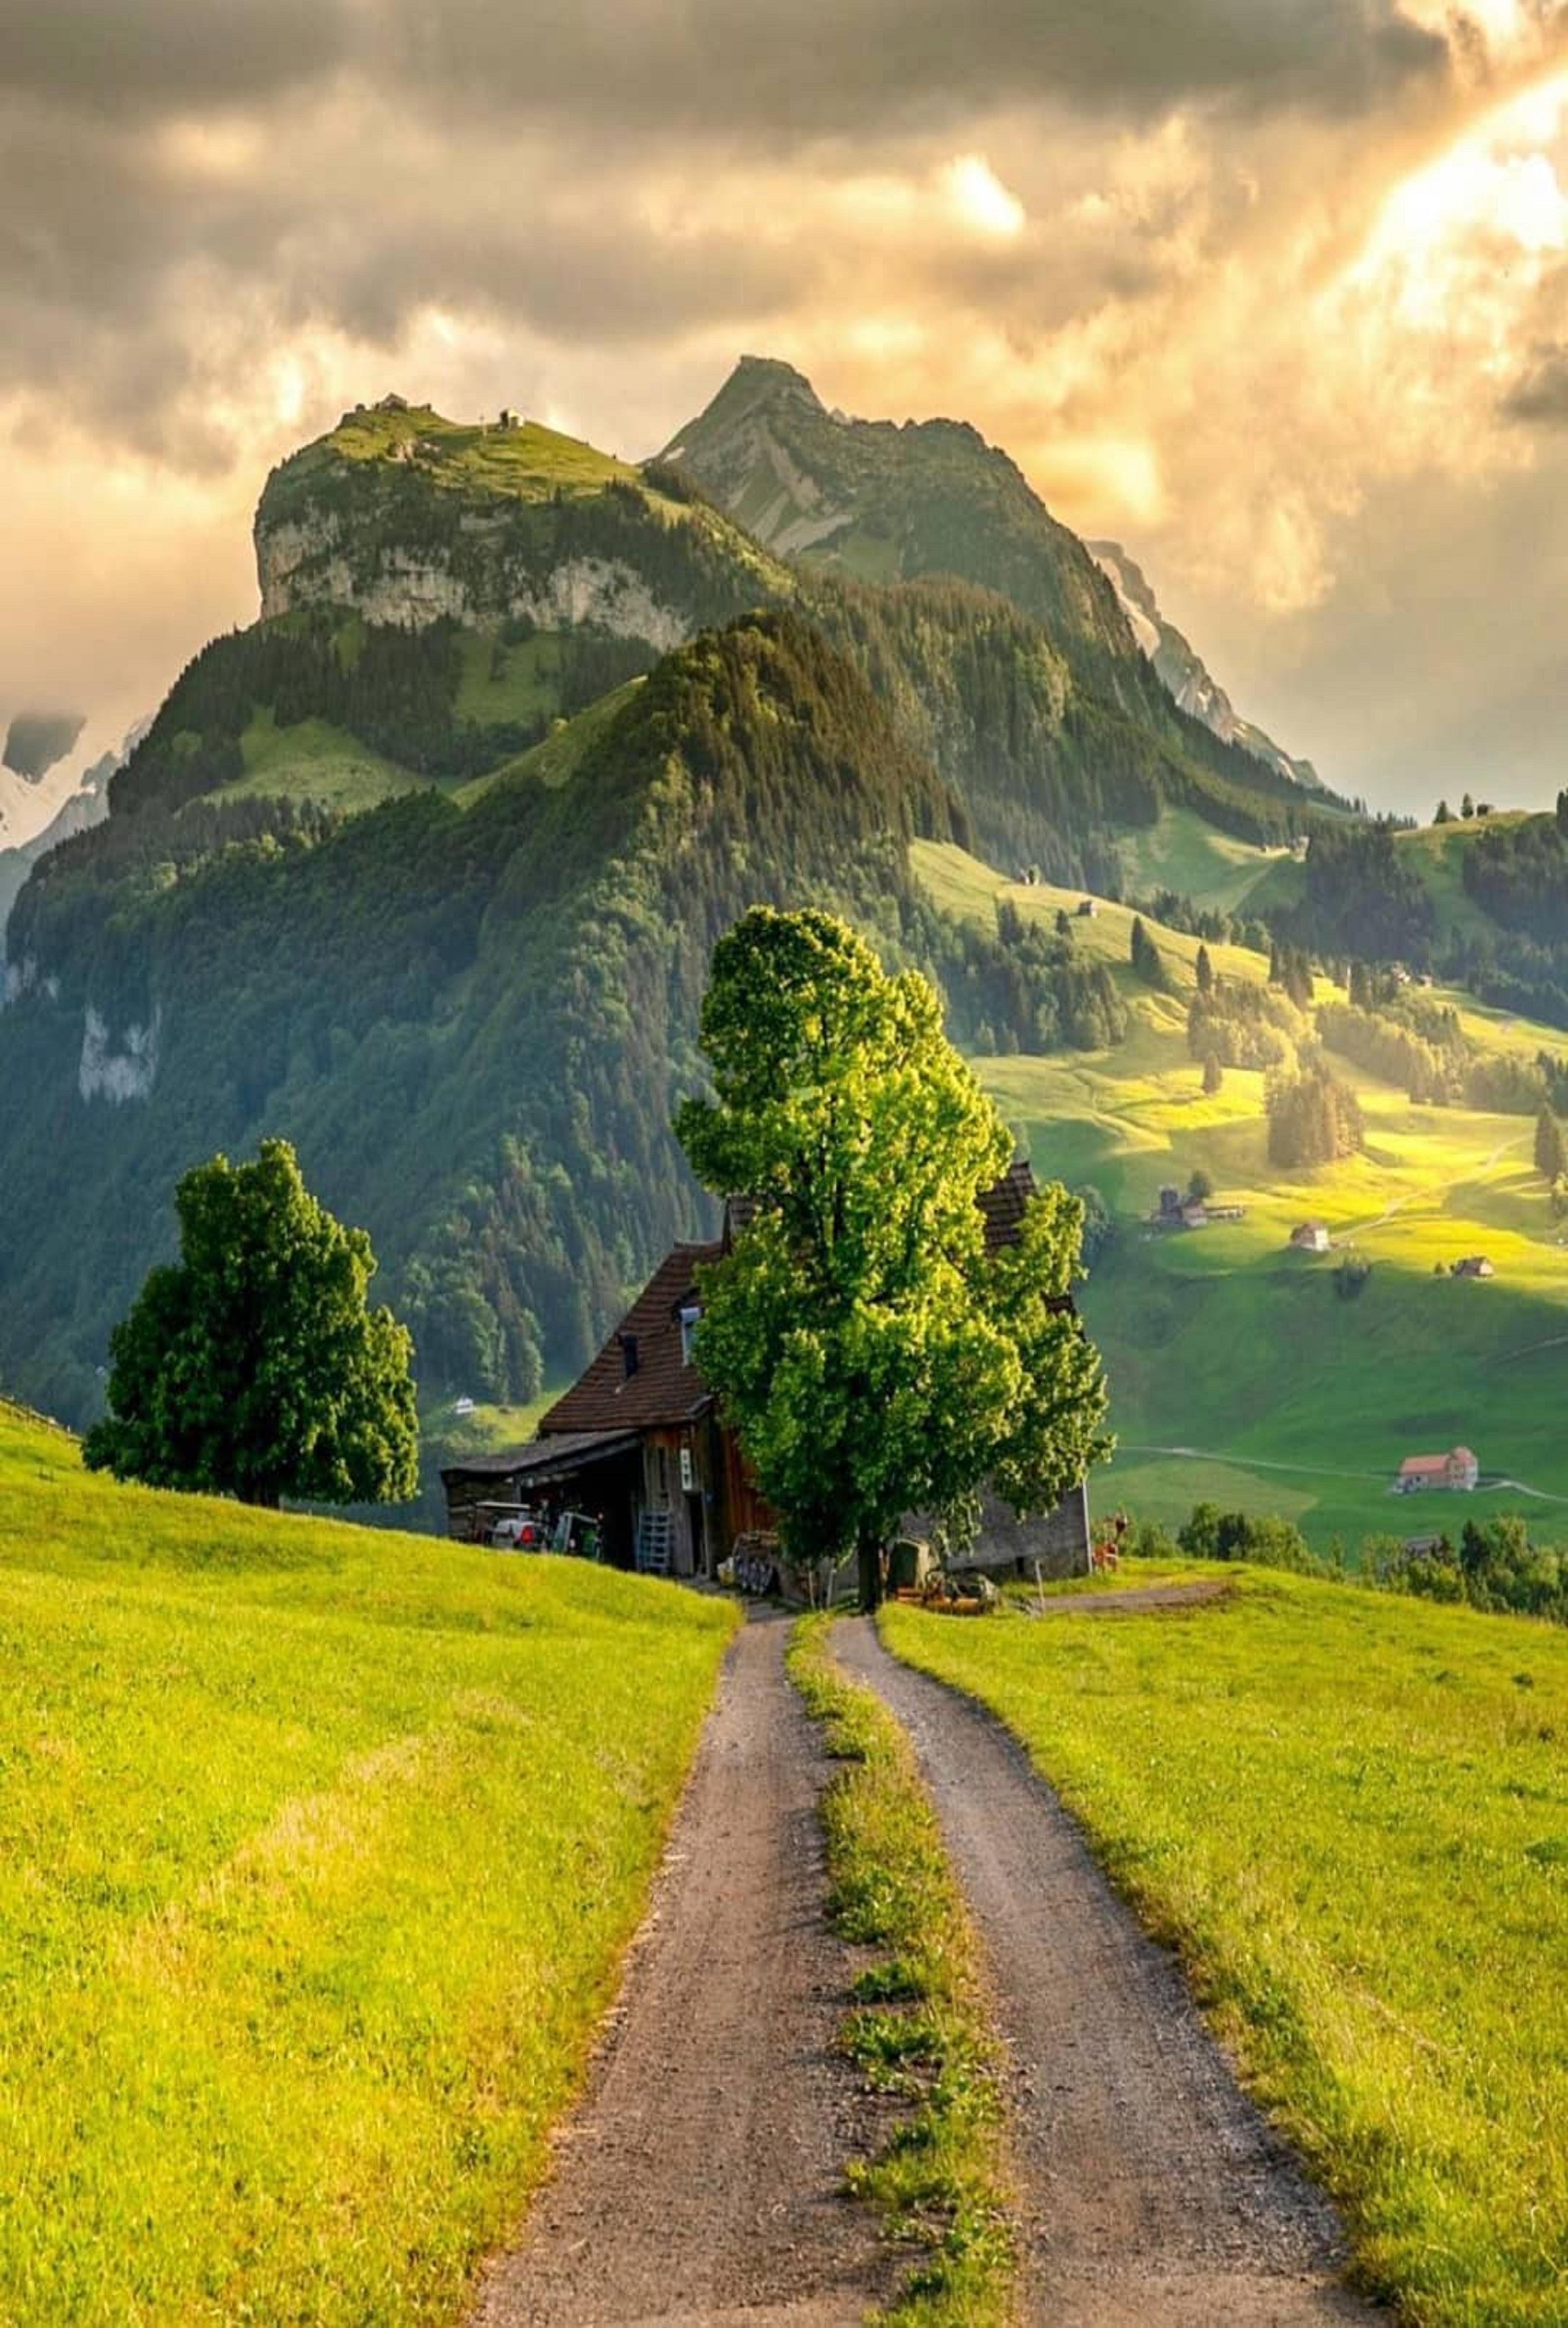 Switzerland Beautiful Landscapes Scenery Beautiful Nature